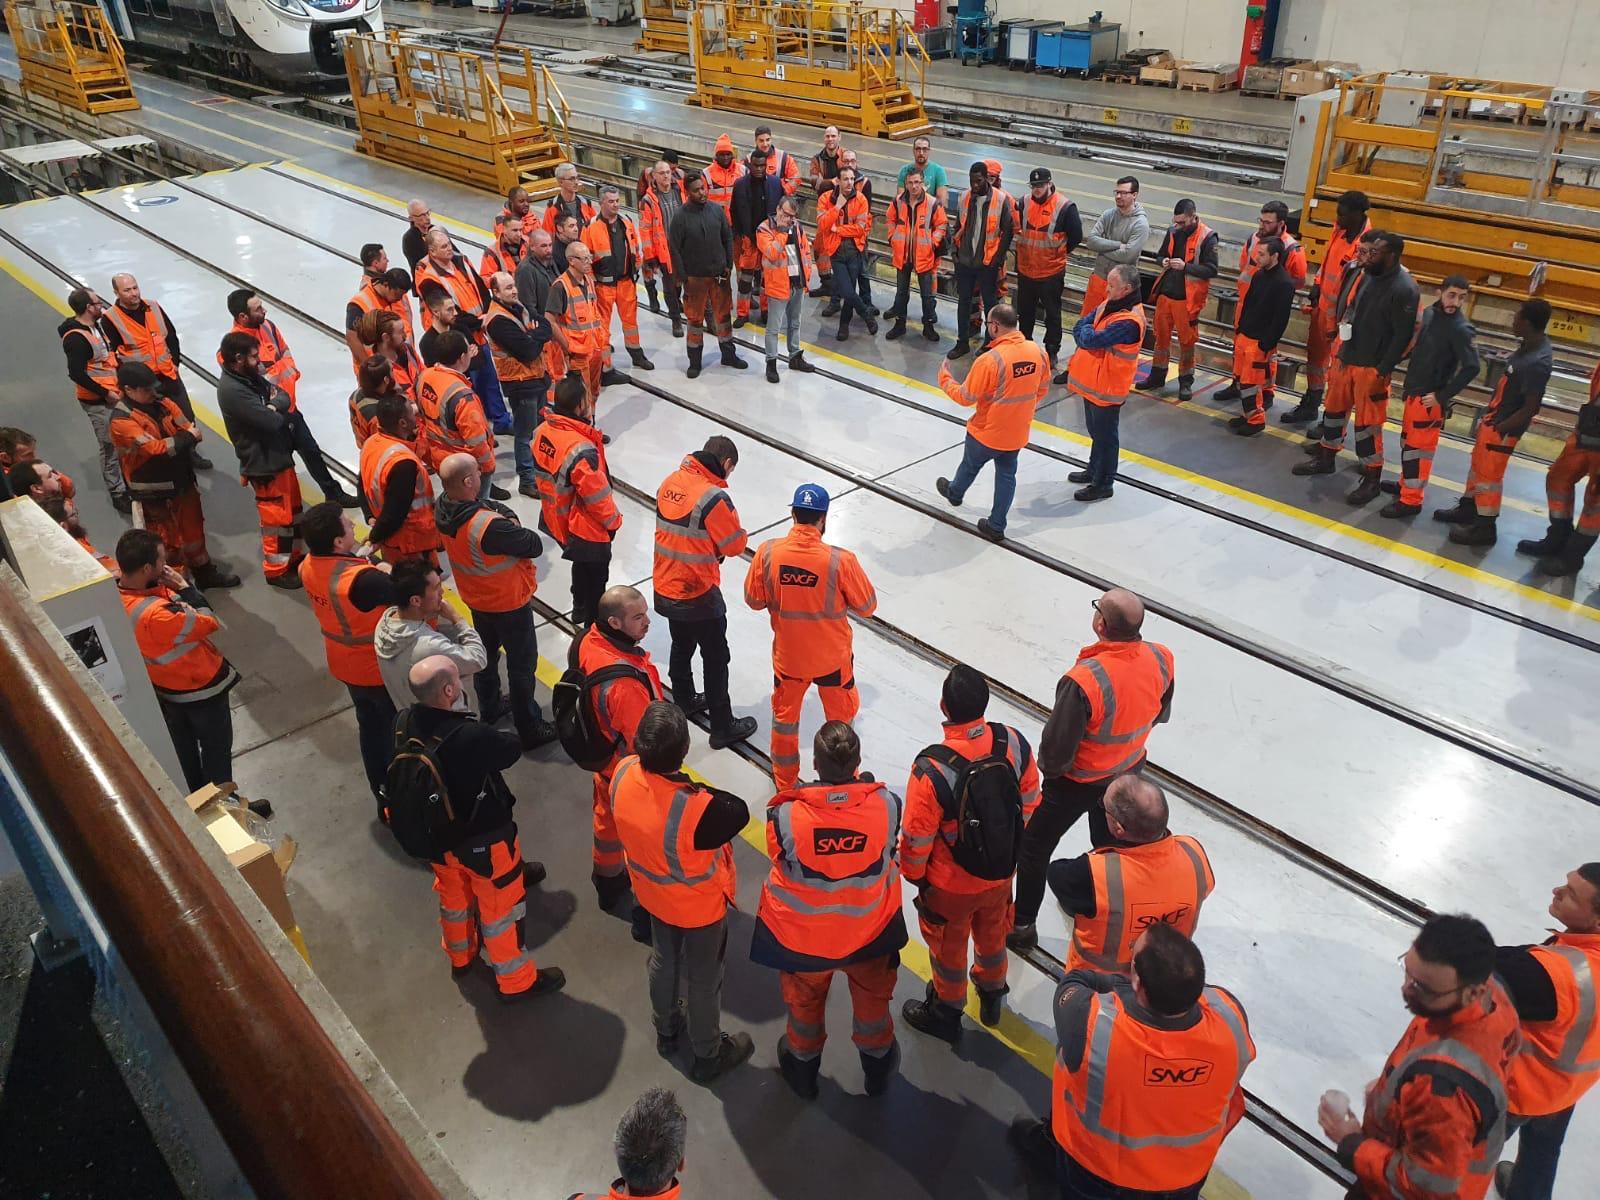 SNCF : des primes pour des cheminots non grévistes font polémique